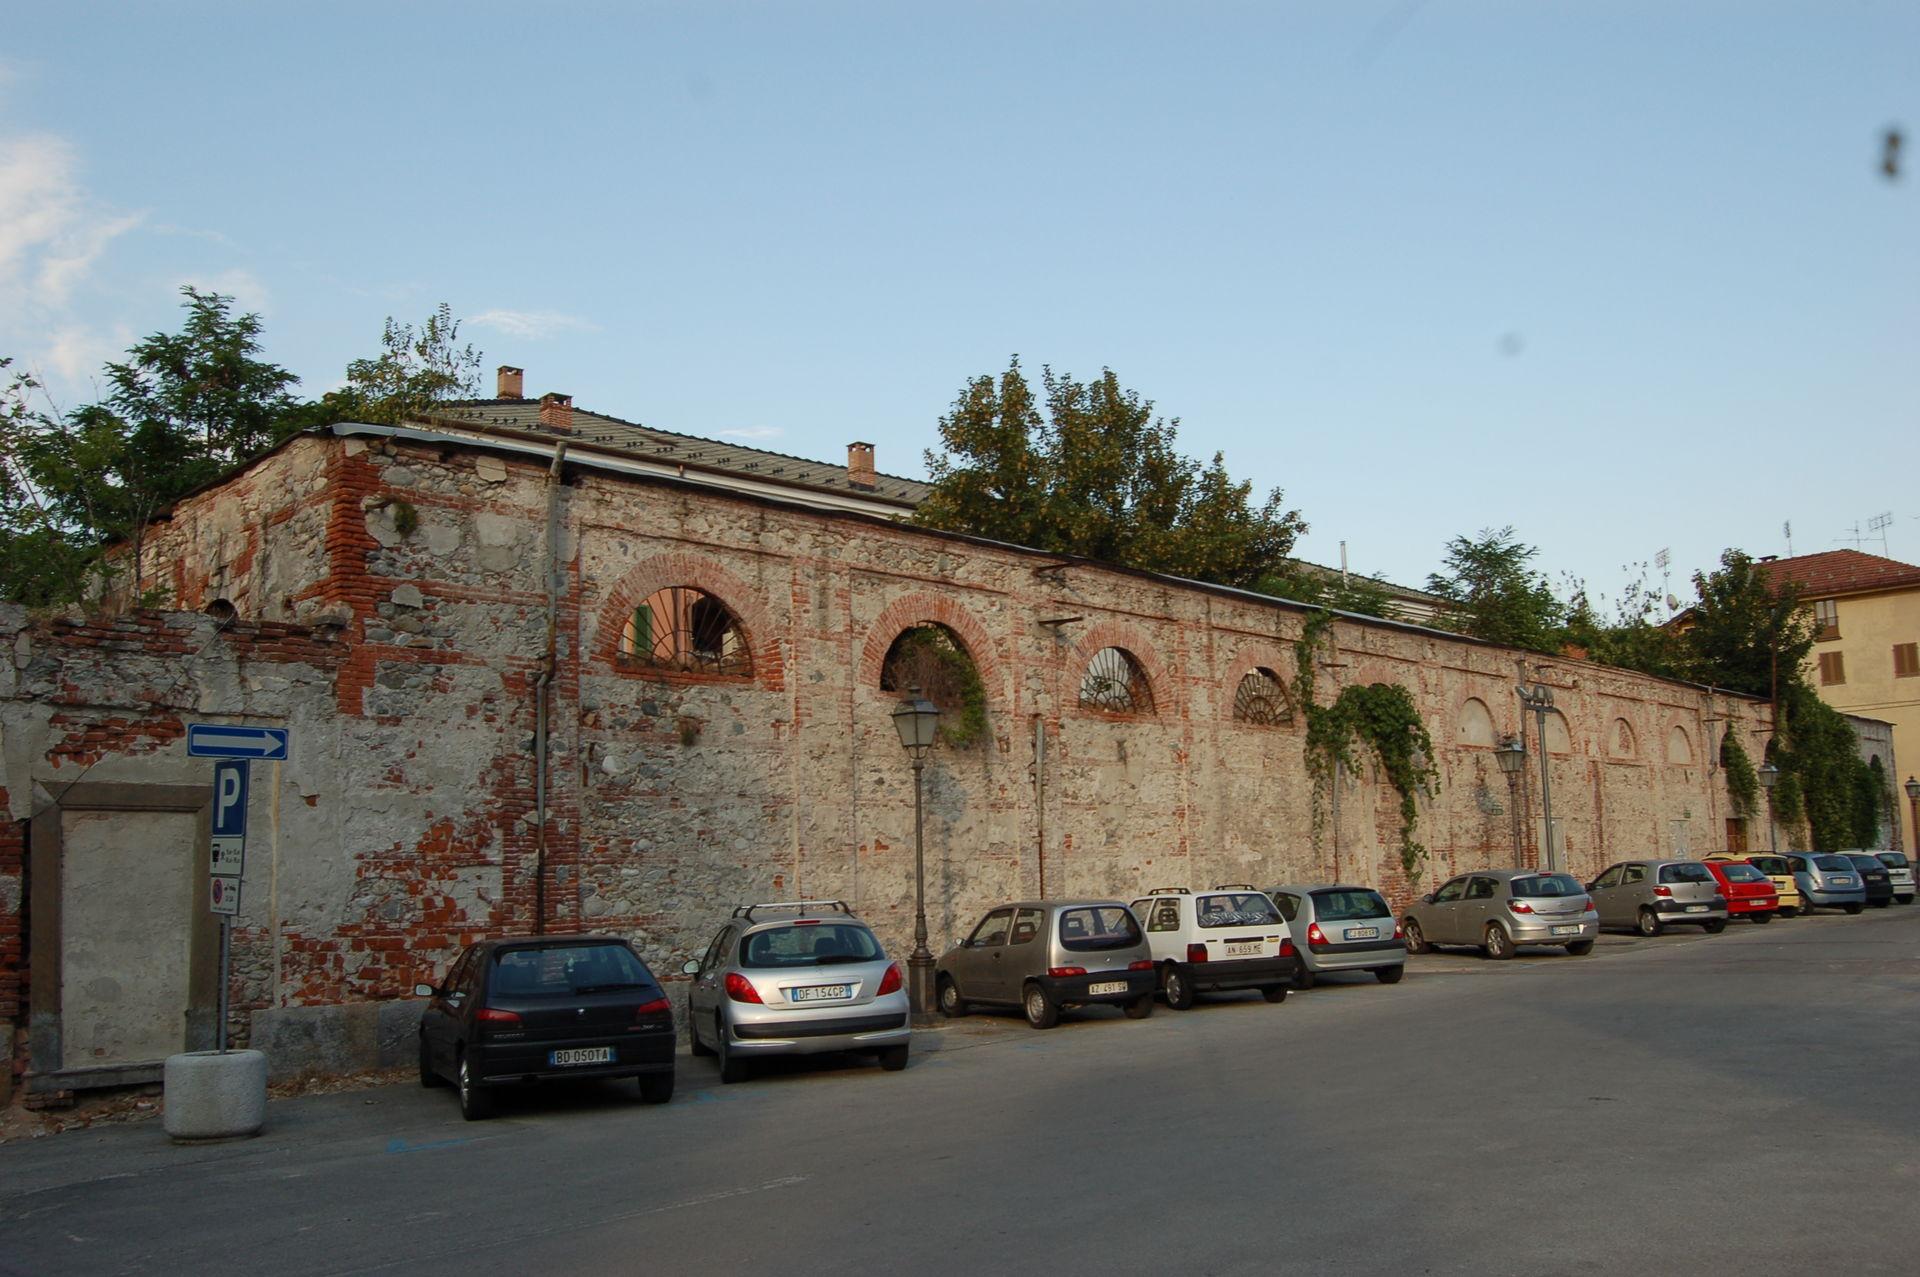 La Guida - Urban center, sala polivalente, area per gli studenti e uffici nell'ex frigorifero militare